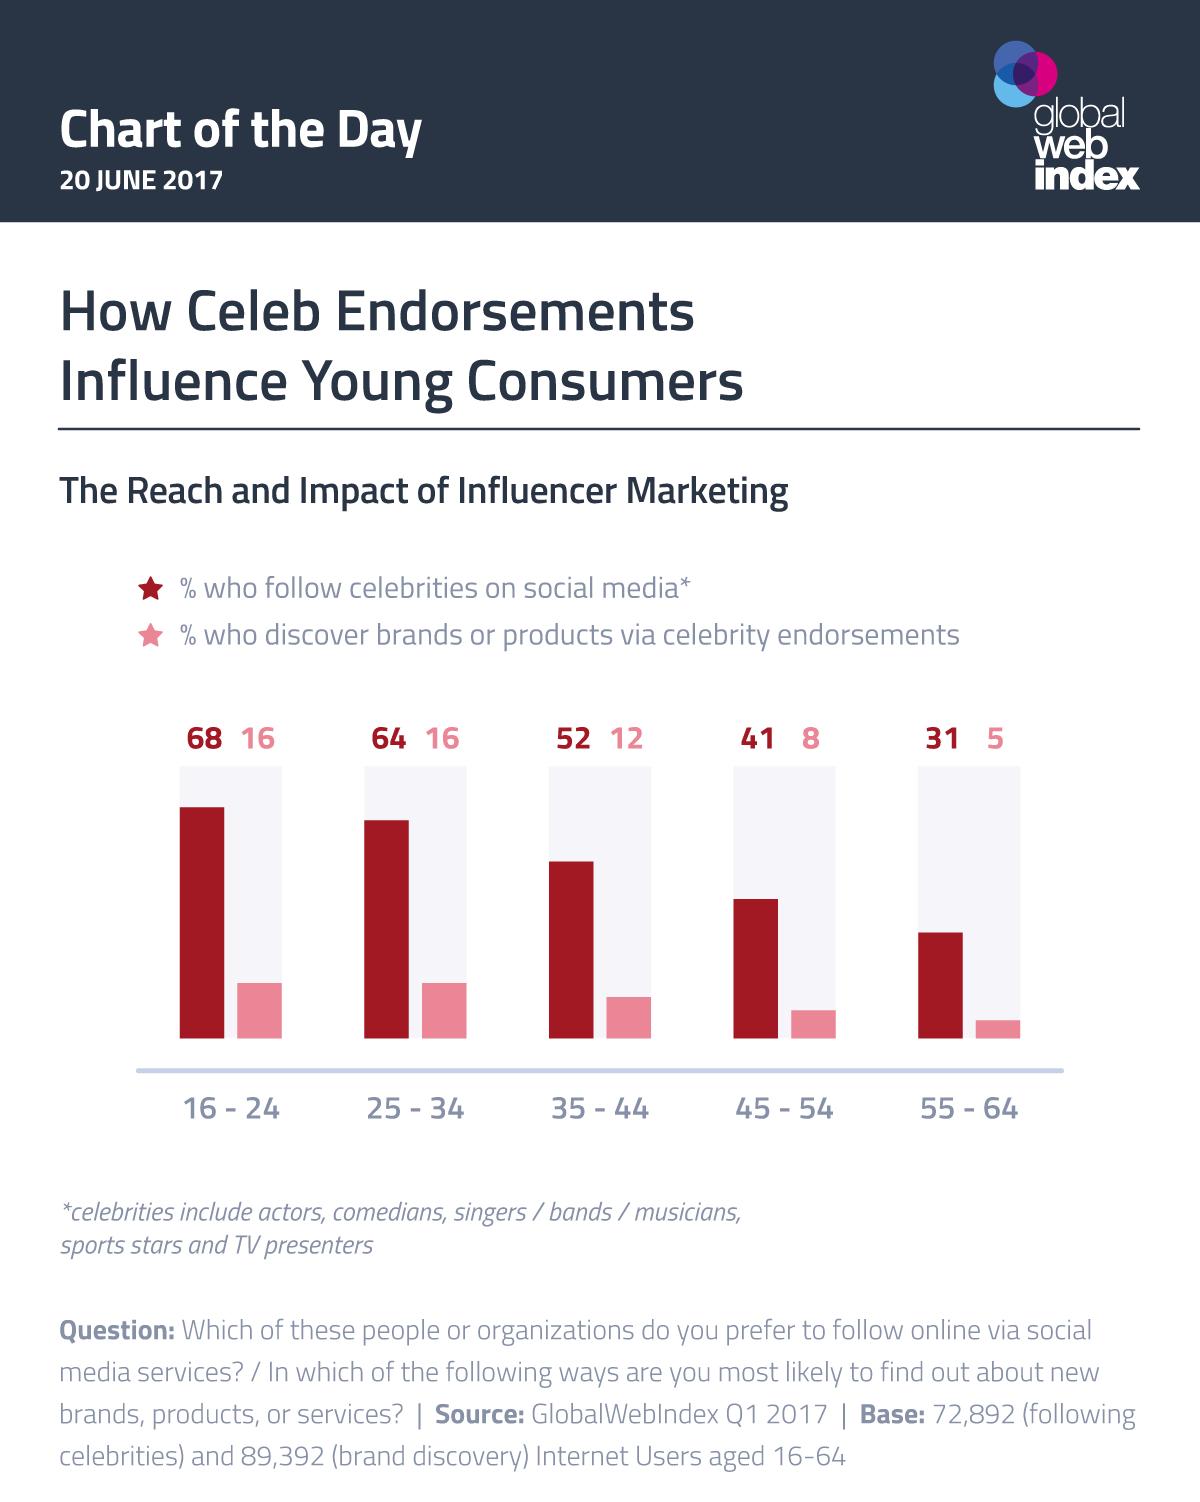 Chart Efektifitas Endorsement Selebriti Pada Konsumen Muda. Sumber: Global Web Index 2017